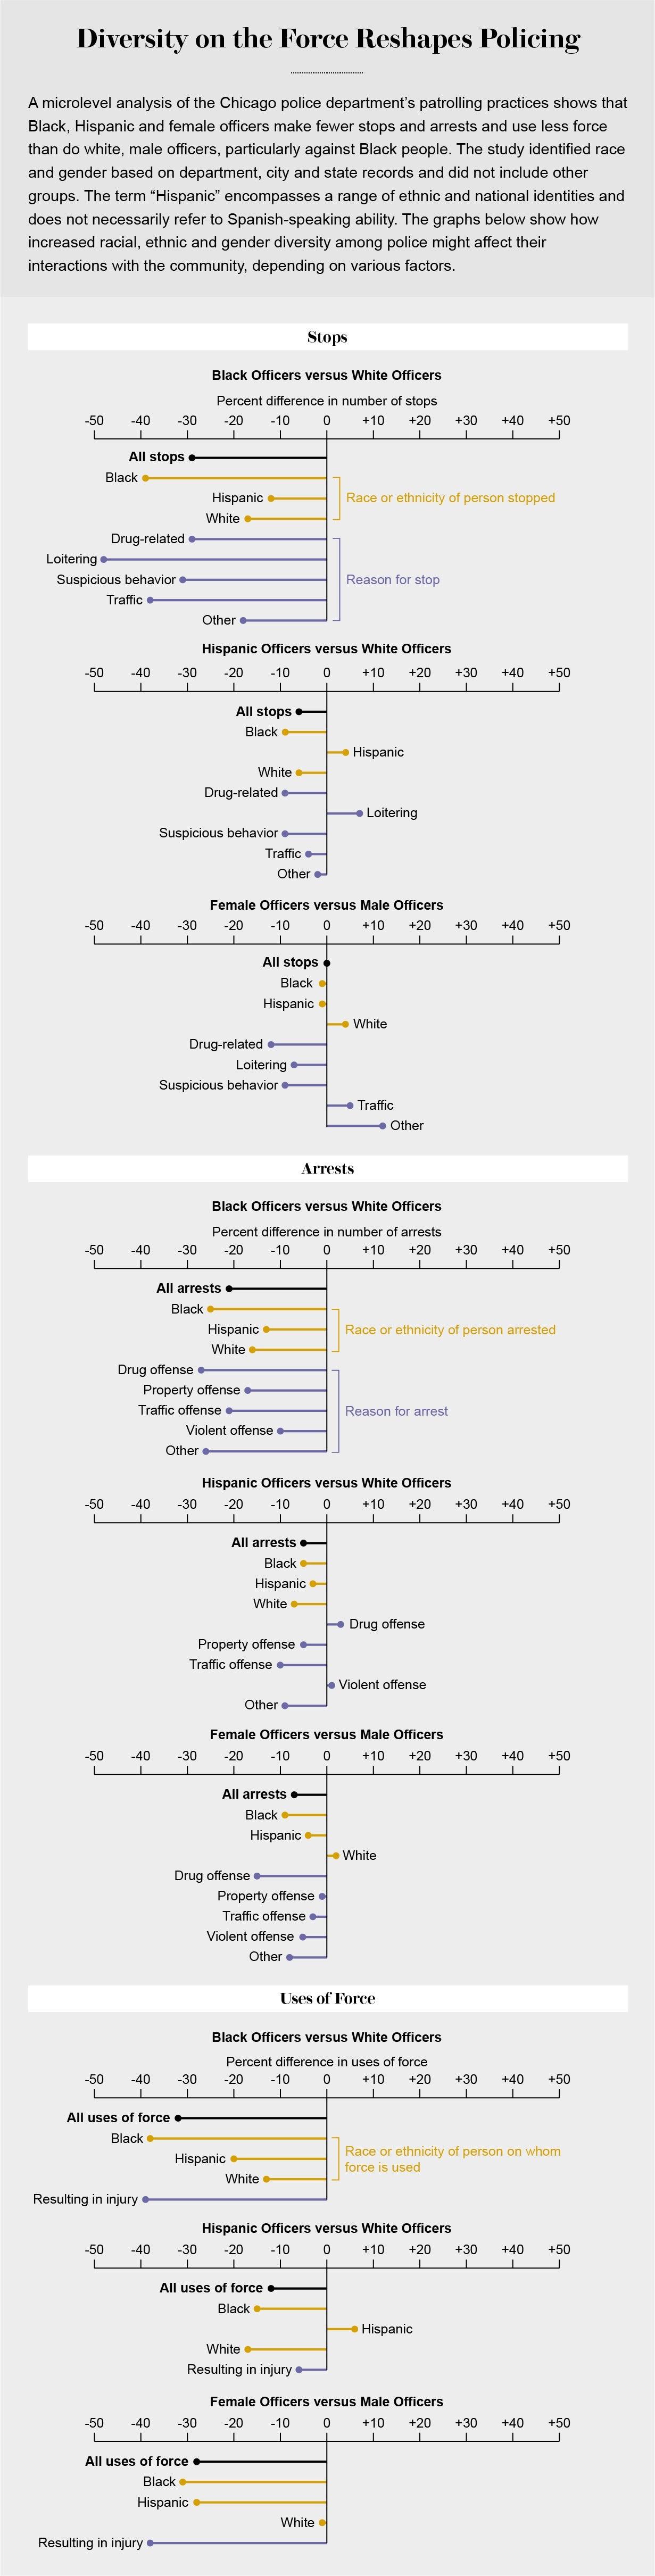 نمودارها نشان می دهد که افزایش تنوع در پلیس چگونه می تواند بر تعداد دفعاتی که مردم را متوقف یا دستگیر می کنند یا استفاده از زور تأثیر می گذارد.